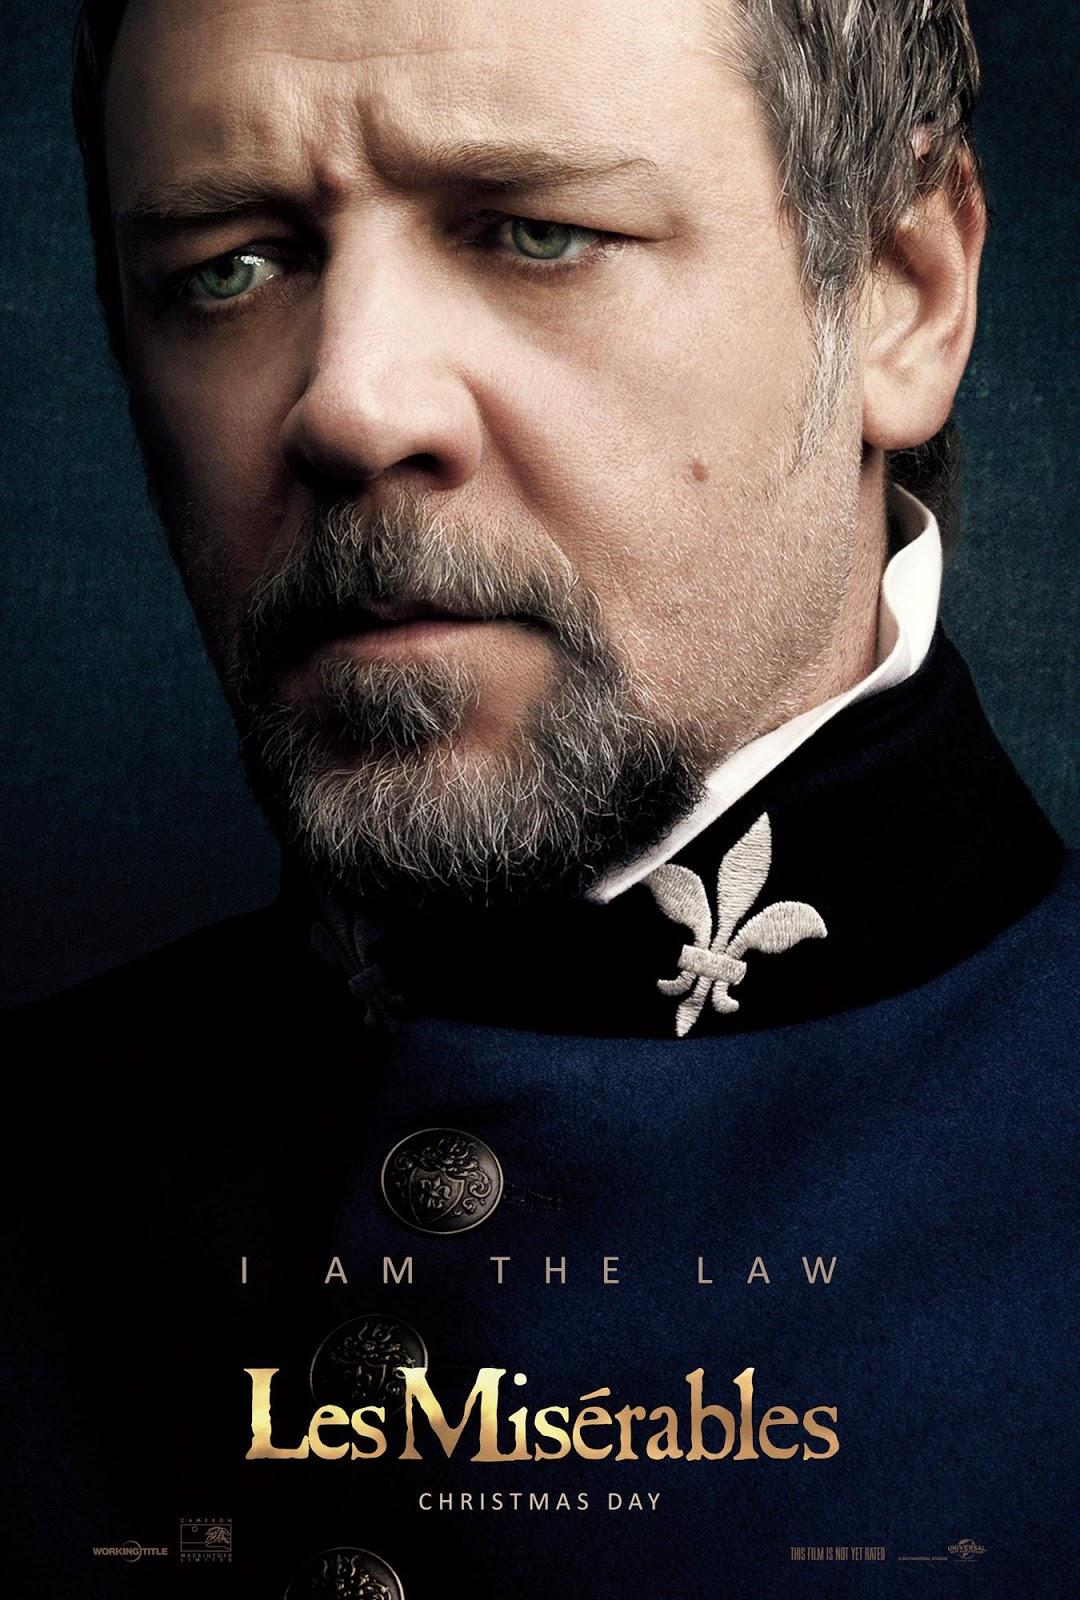 http://1.bp.blogspot.com/-DzkLMBTl9vE/UP1se86_dKI/AAAAAAAAAvA/SS8j4epwKXk/s1600/Les+Miserables+Russell+Crowe+Javert+poster+Tom+Hooper.jpg